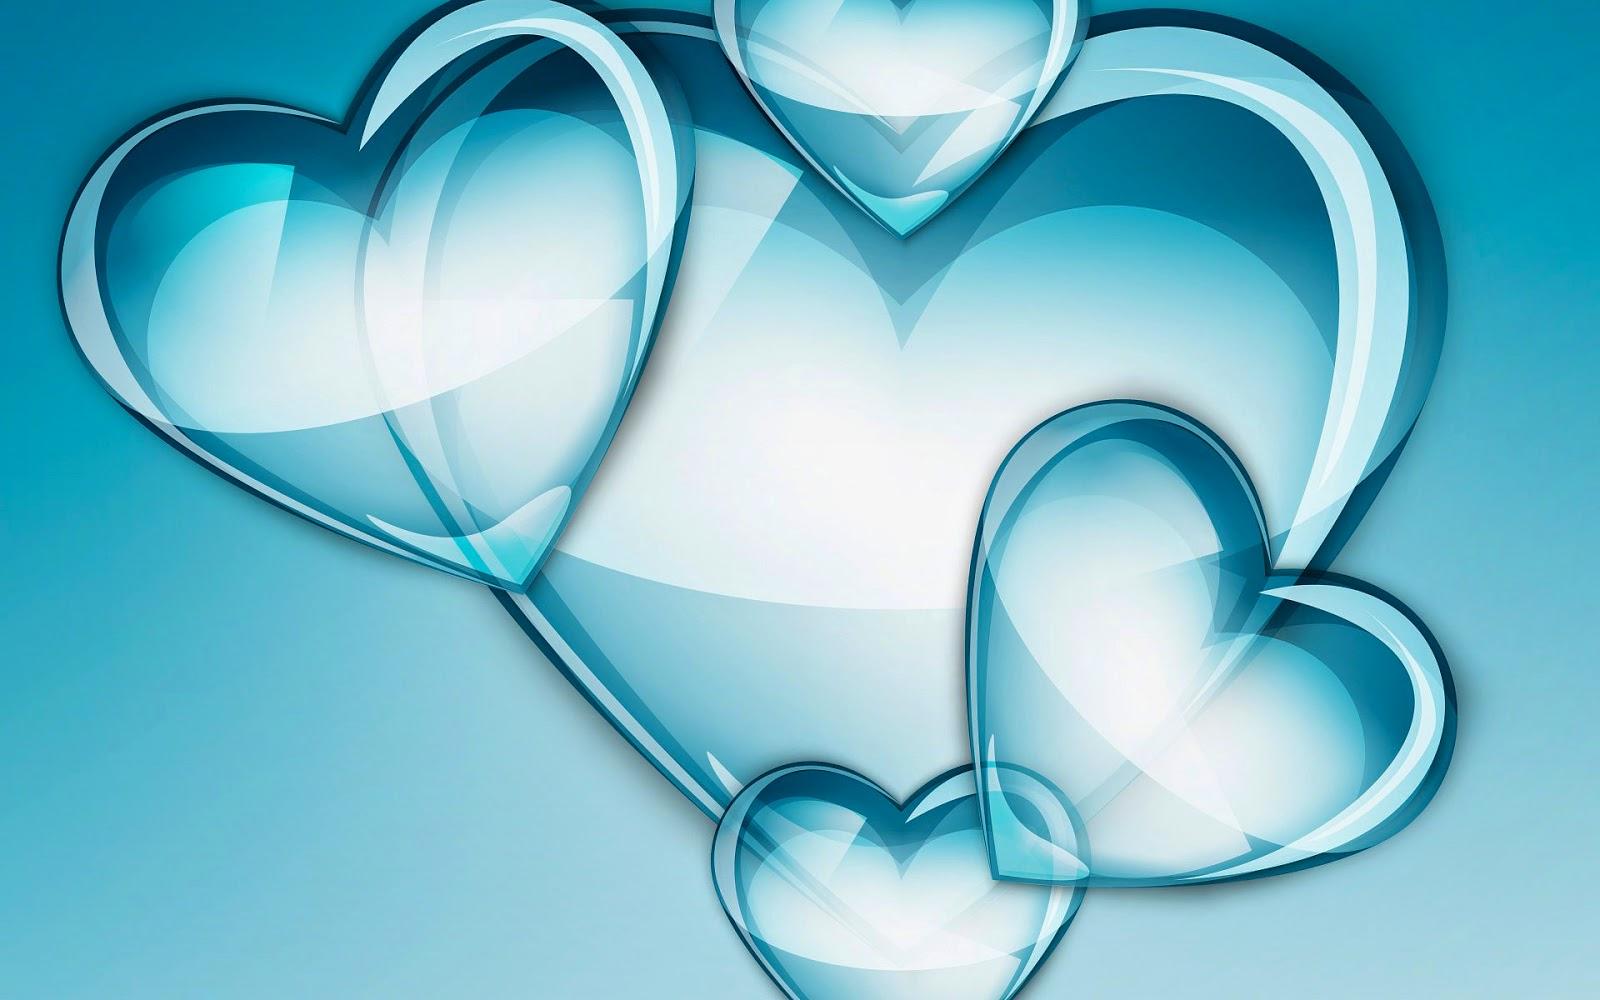 Wallpaper met liefdes hartjes